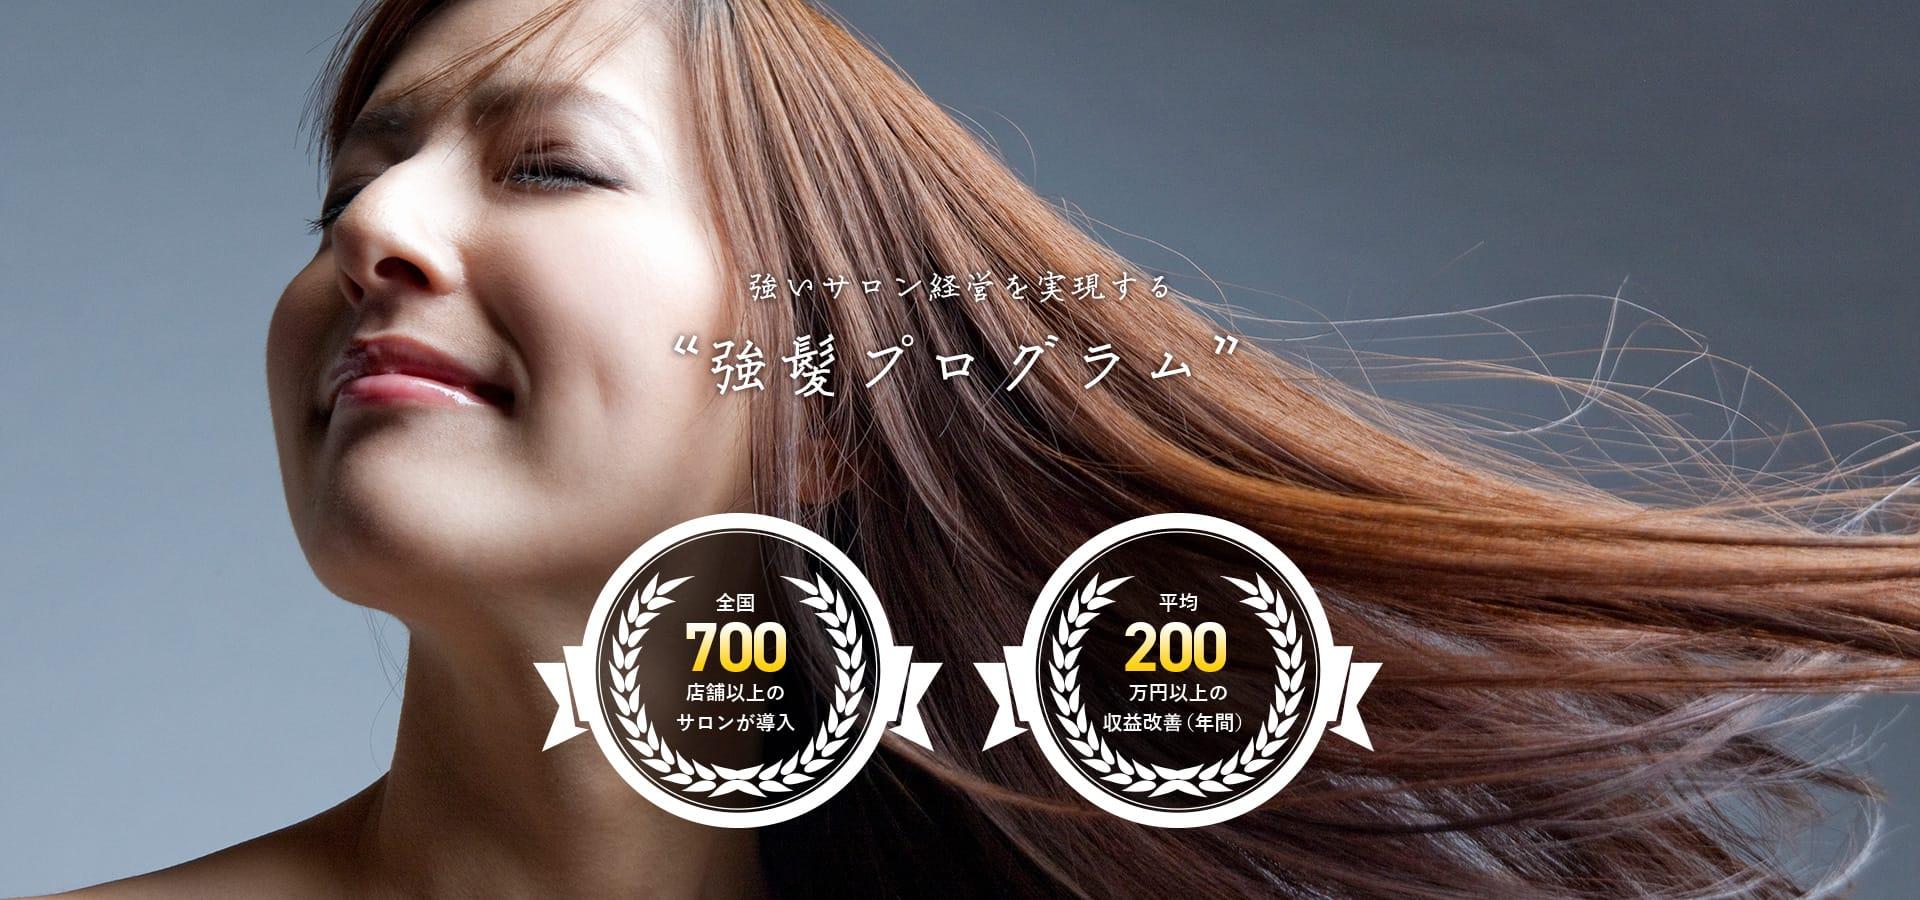 強いサロン経営を実現する「強髪プログラム」 全国600店舗以上のサロンが導入 年間平均200万円以上の収益改善